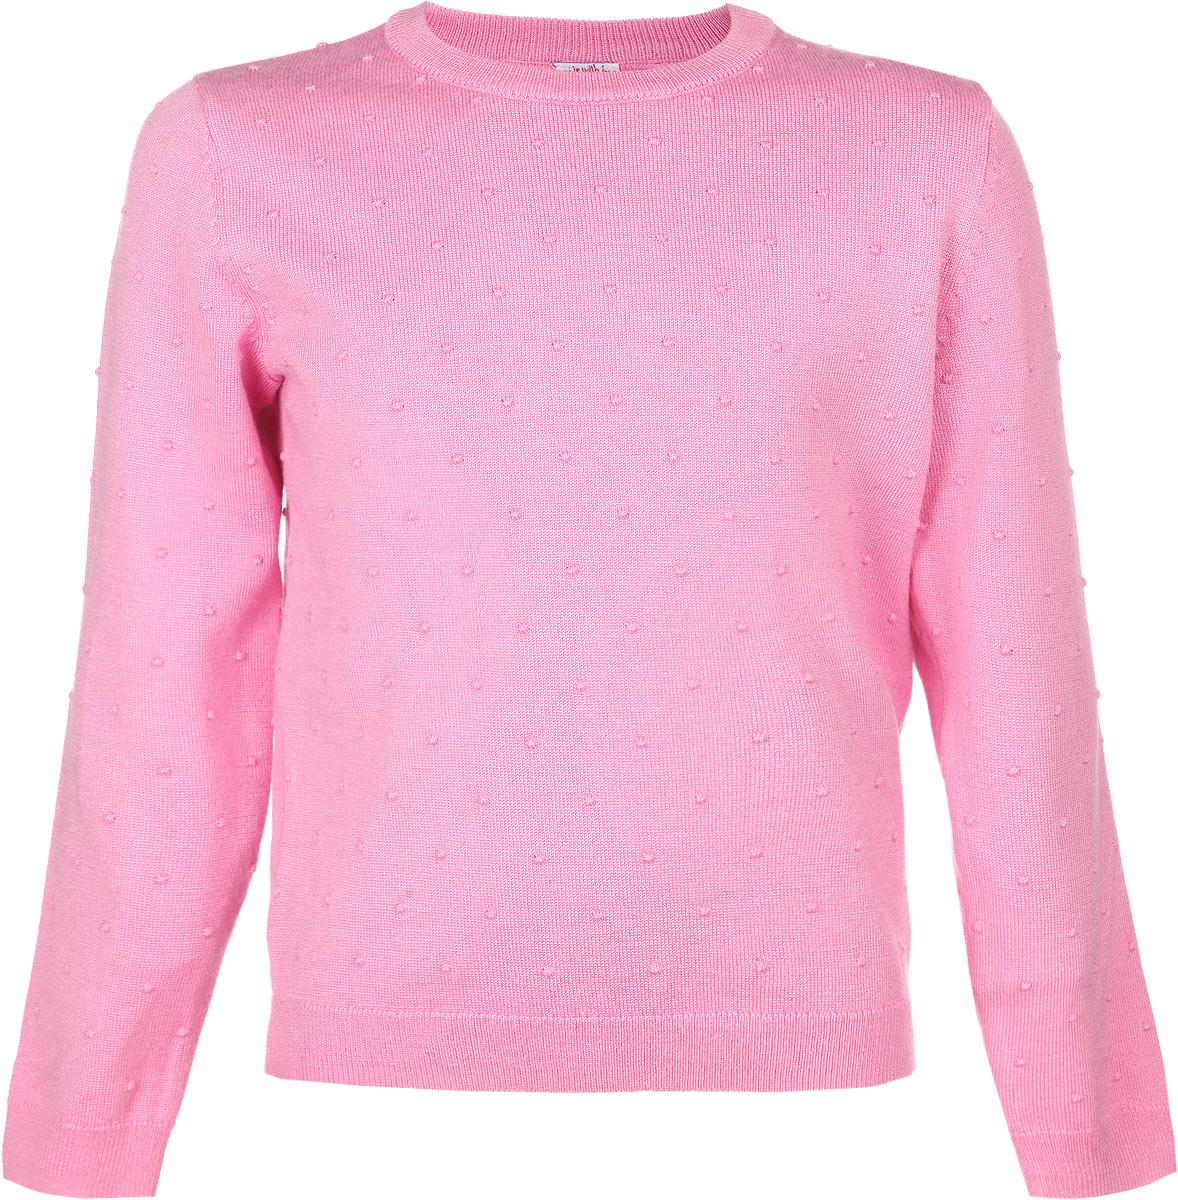 Джемпер для девочки Sela, цвет: светло-розовый. JR-514/144-6131. Размер 98, 3 годаJR-514/144-6131Джемпер для девочки Sela идеально подойдет вашей маленькой моднице. Изготовленный из вискозы с добавлением нейлона, он необычайно мягкий и приятный на ощупь, не сковывает движения, обеспечивая наибольший комфорт. Модель с длинными рукавами и круглым вырезом горловины оформлена рельефным узором. Вырез горловины, низ джемпера и рукава дополнены трикотажной эластичной резинкой. Современный дизайн и расцветка делают этот джемпер модным и стильным предметом детского гардероба. В нем ваша дочурка будет чувствовать себя уютно, комфортно и всегда будет в центре внимания!